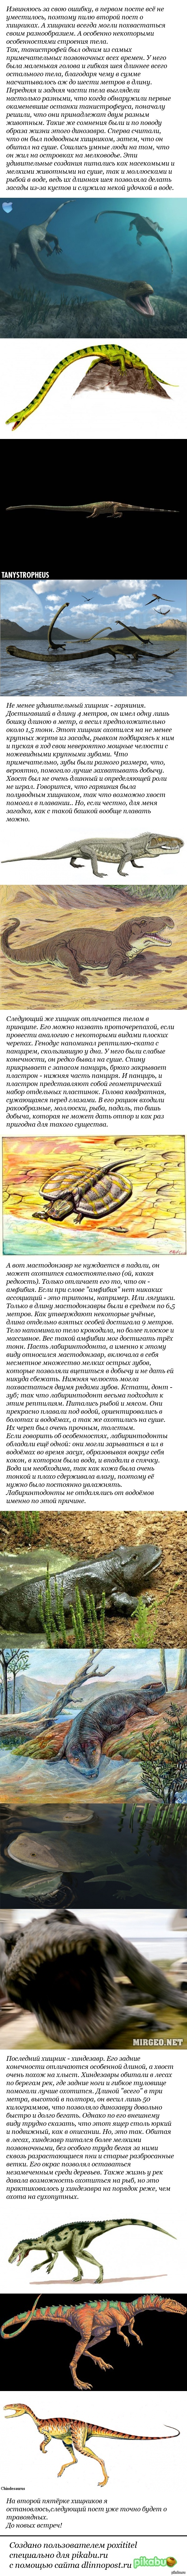 Динозавры 2 Хищные динозавры триасового периода 2